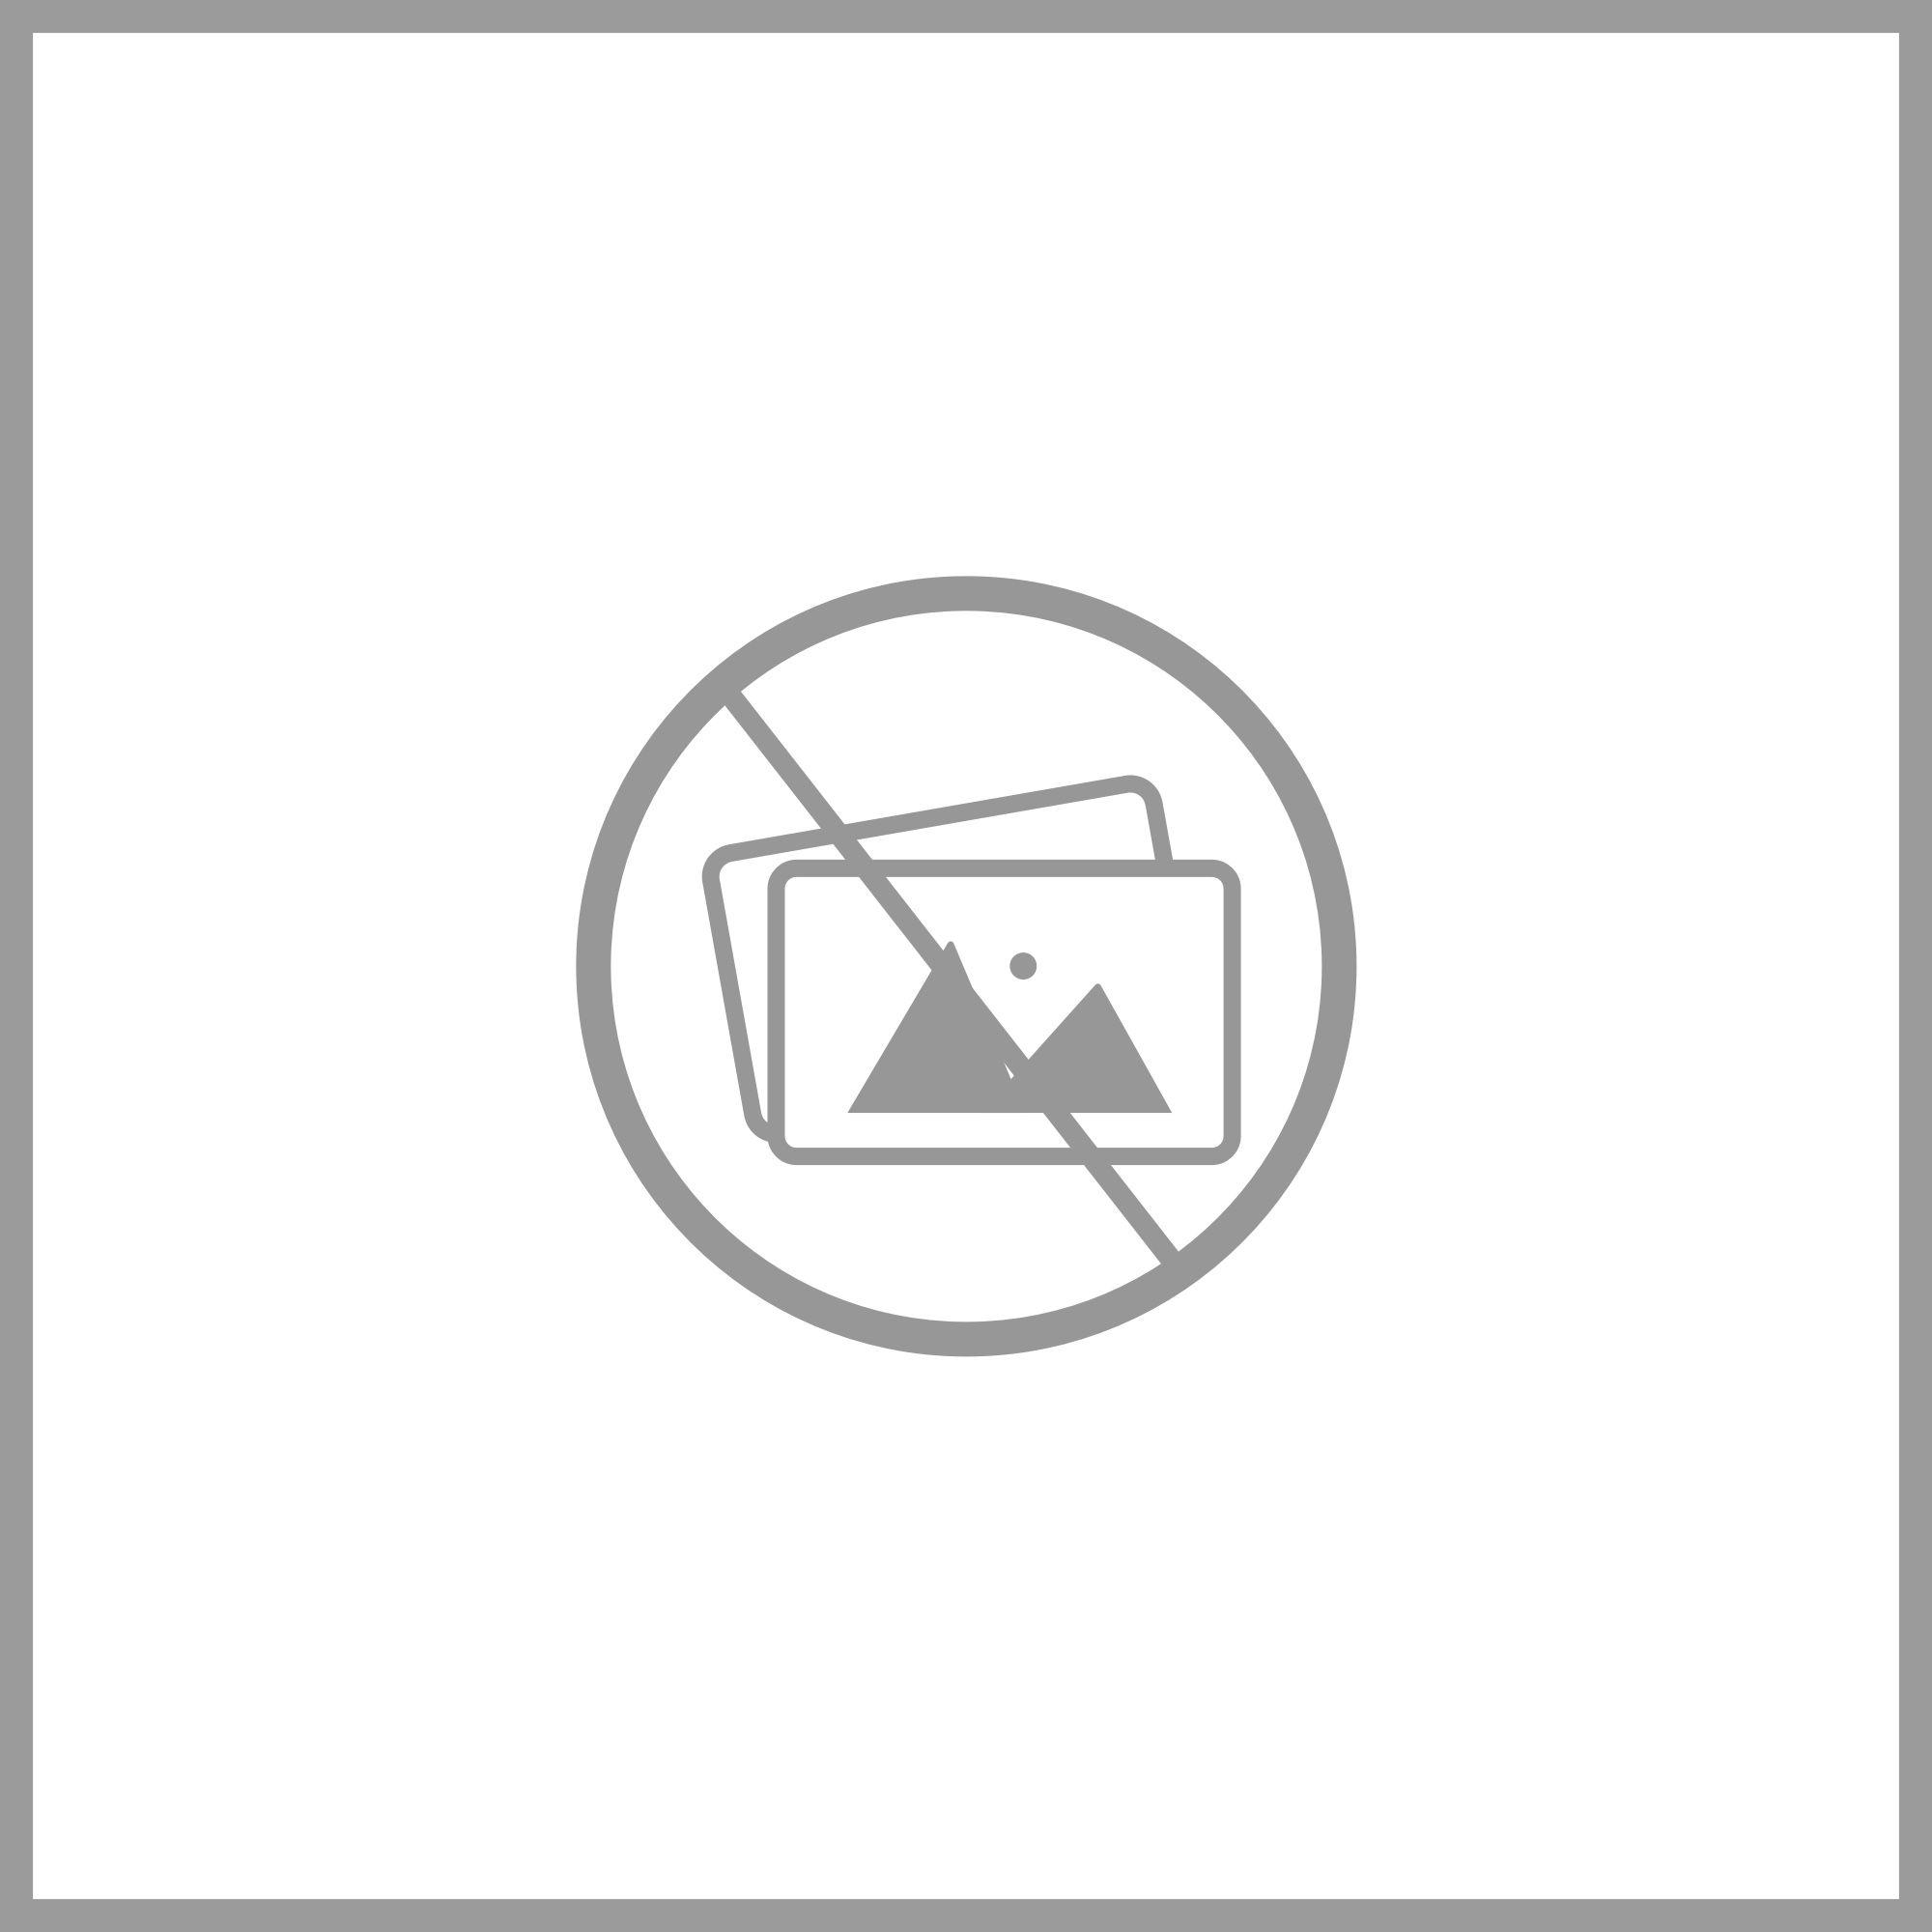 15 x 50mm Pz2 DT7912-QZ Dewalt IMPACT Bits Pack of 15